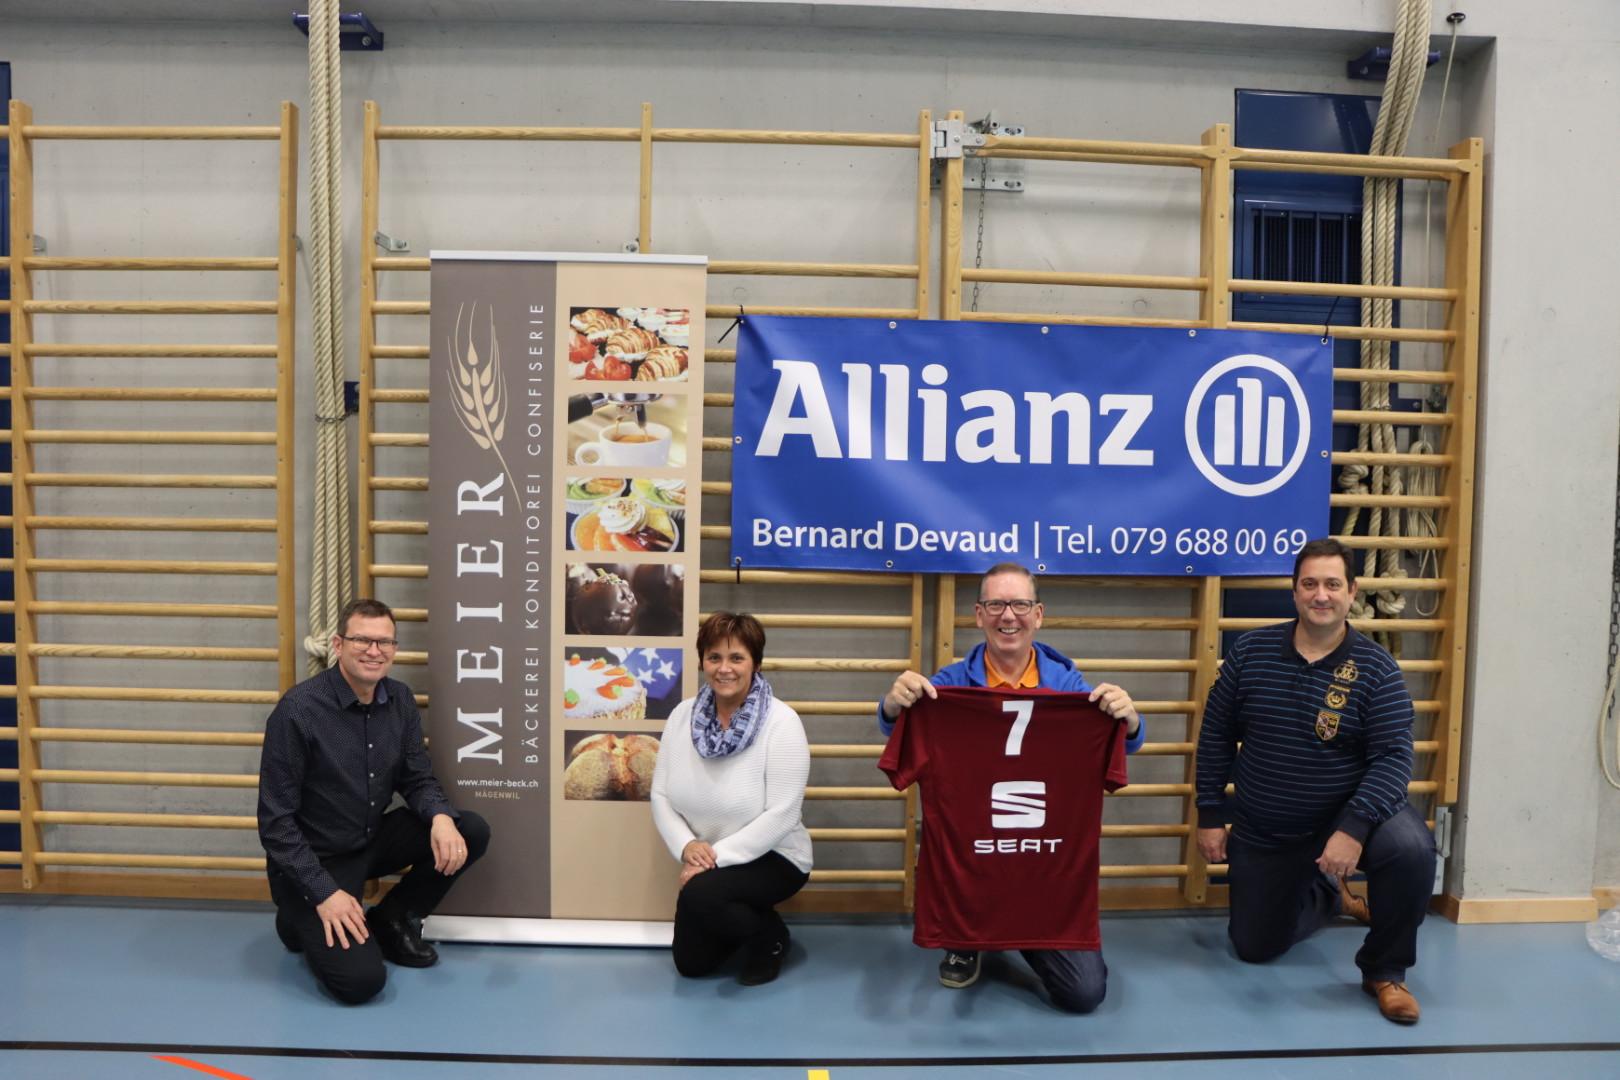 Unsere Volleyballerinnen neu eingekleidet, mit Dank an unseren Sponsoren, Meier Bäckerei, Allianz und Seat